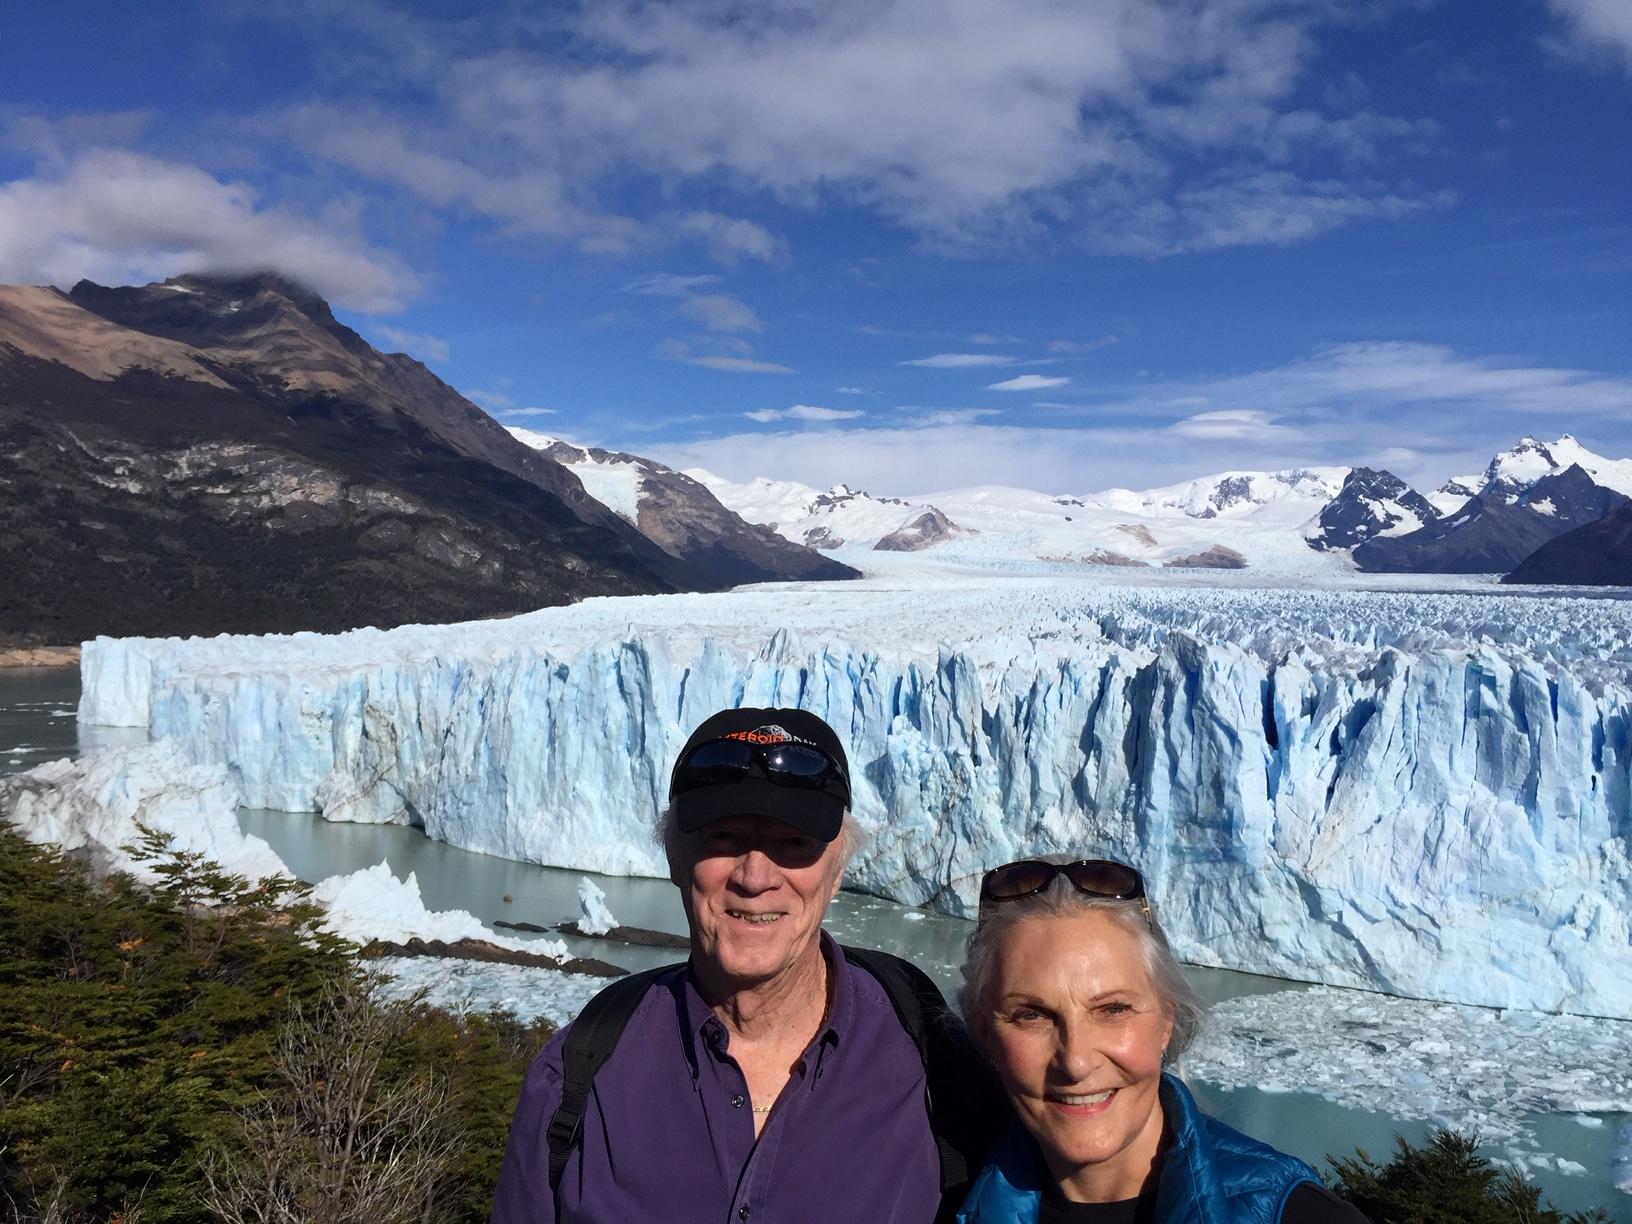 Nancy and I in front of the Perito Marino glacier outside El Calafate, Argentina